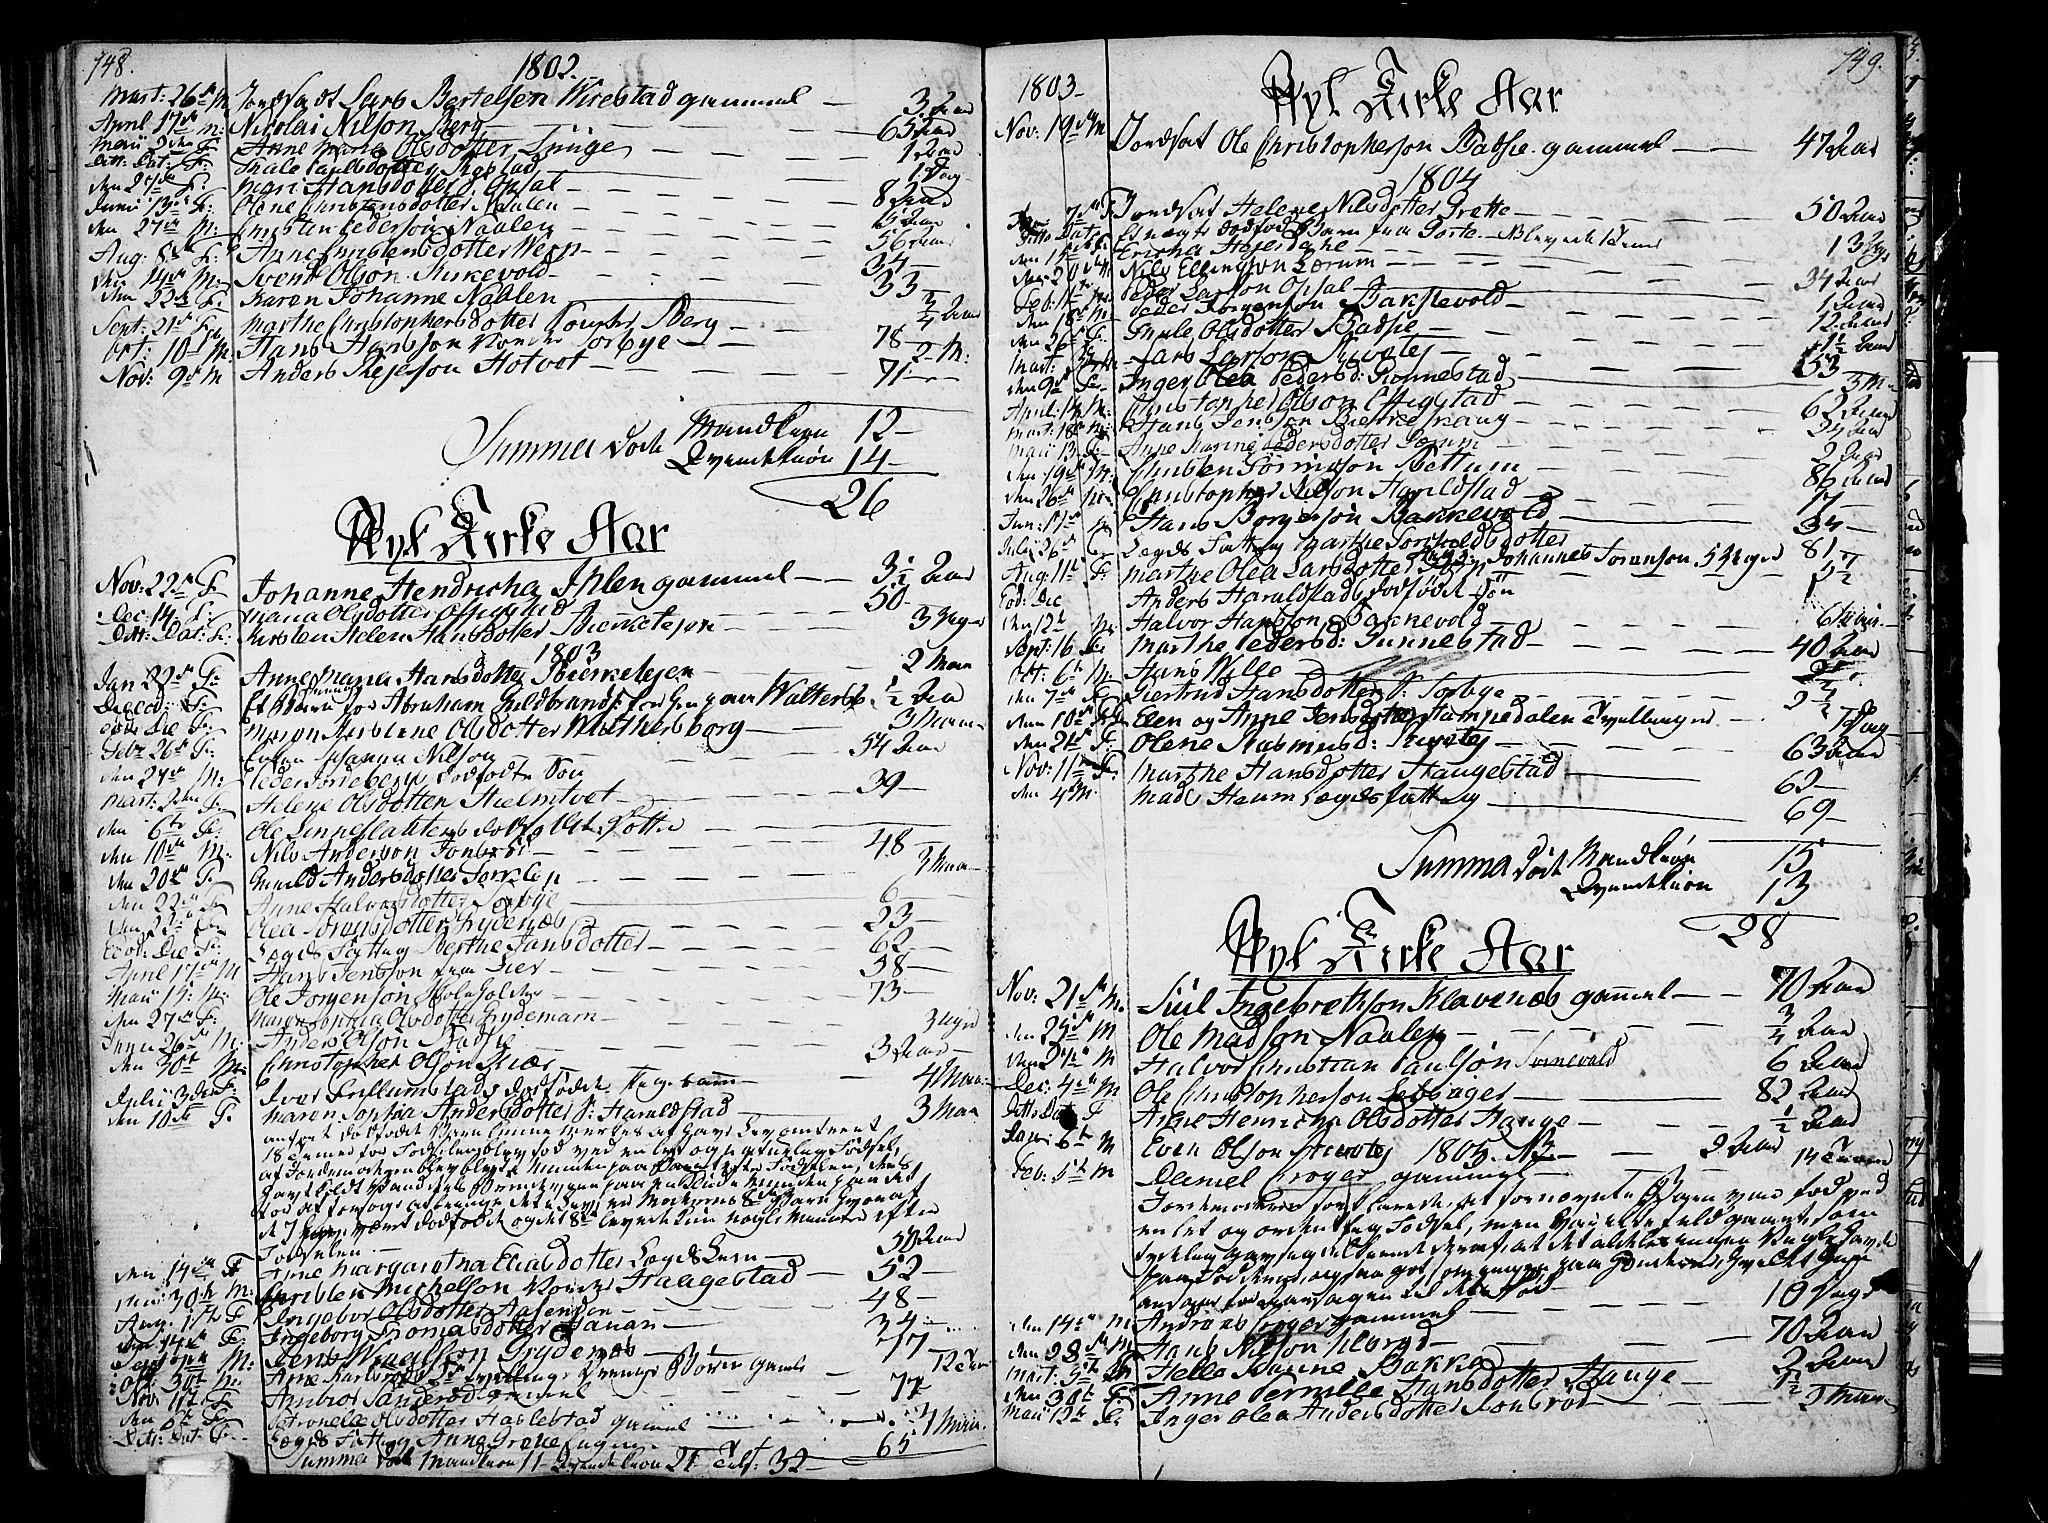 SAKO, Våle kirkebøker, F/Fa/L0005: Ministerialbok nr. I 5, 1773-1808, s. 148-149